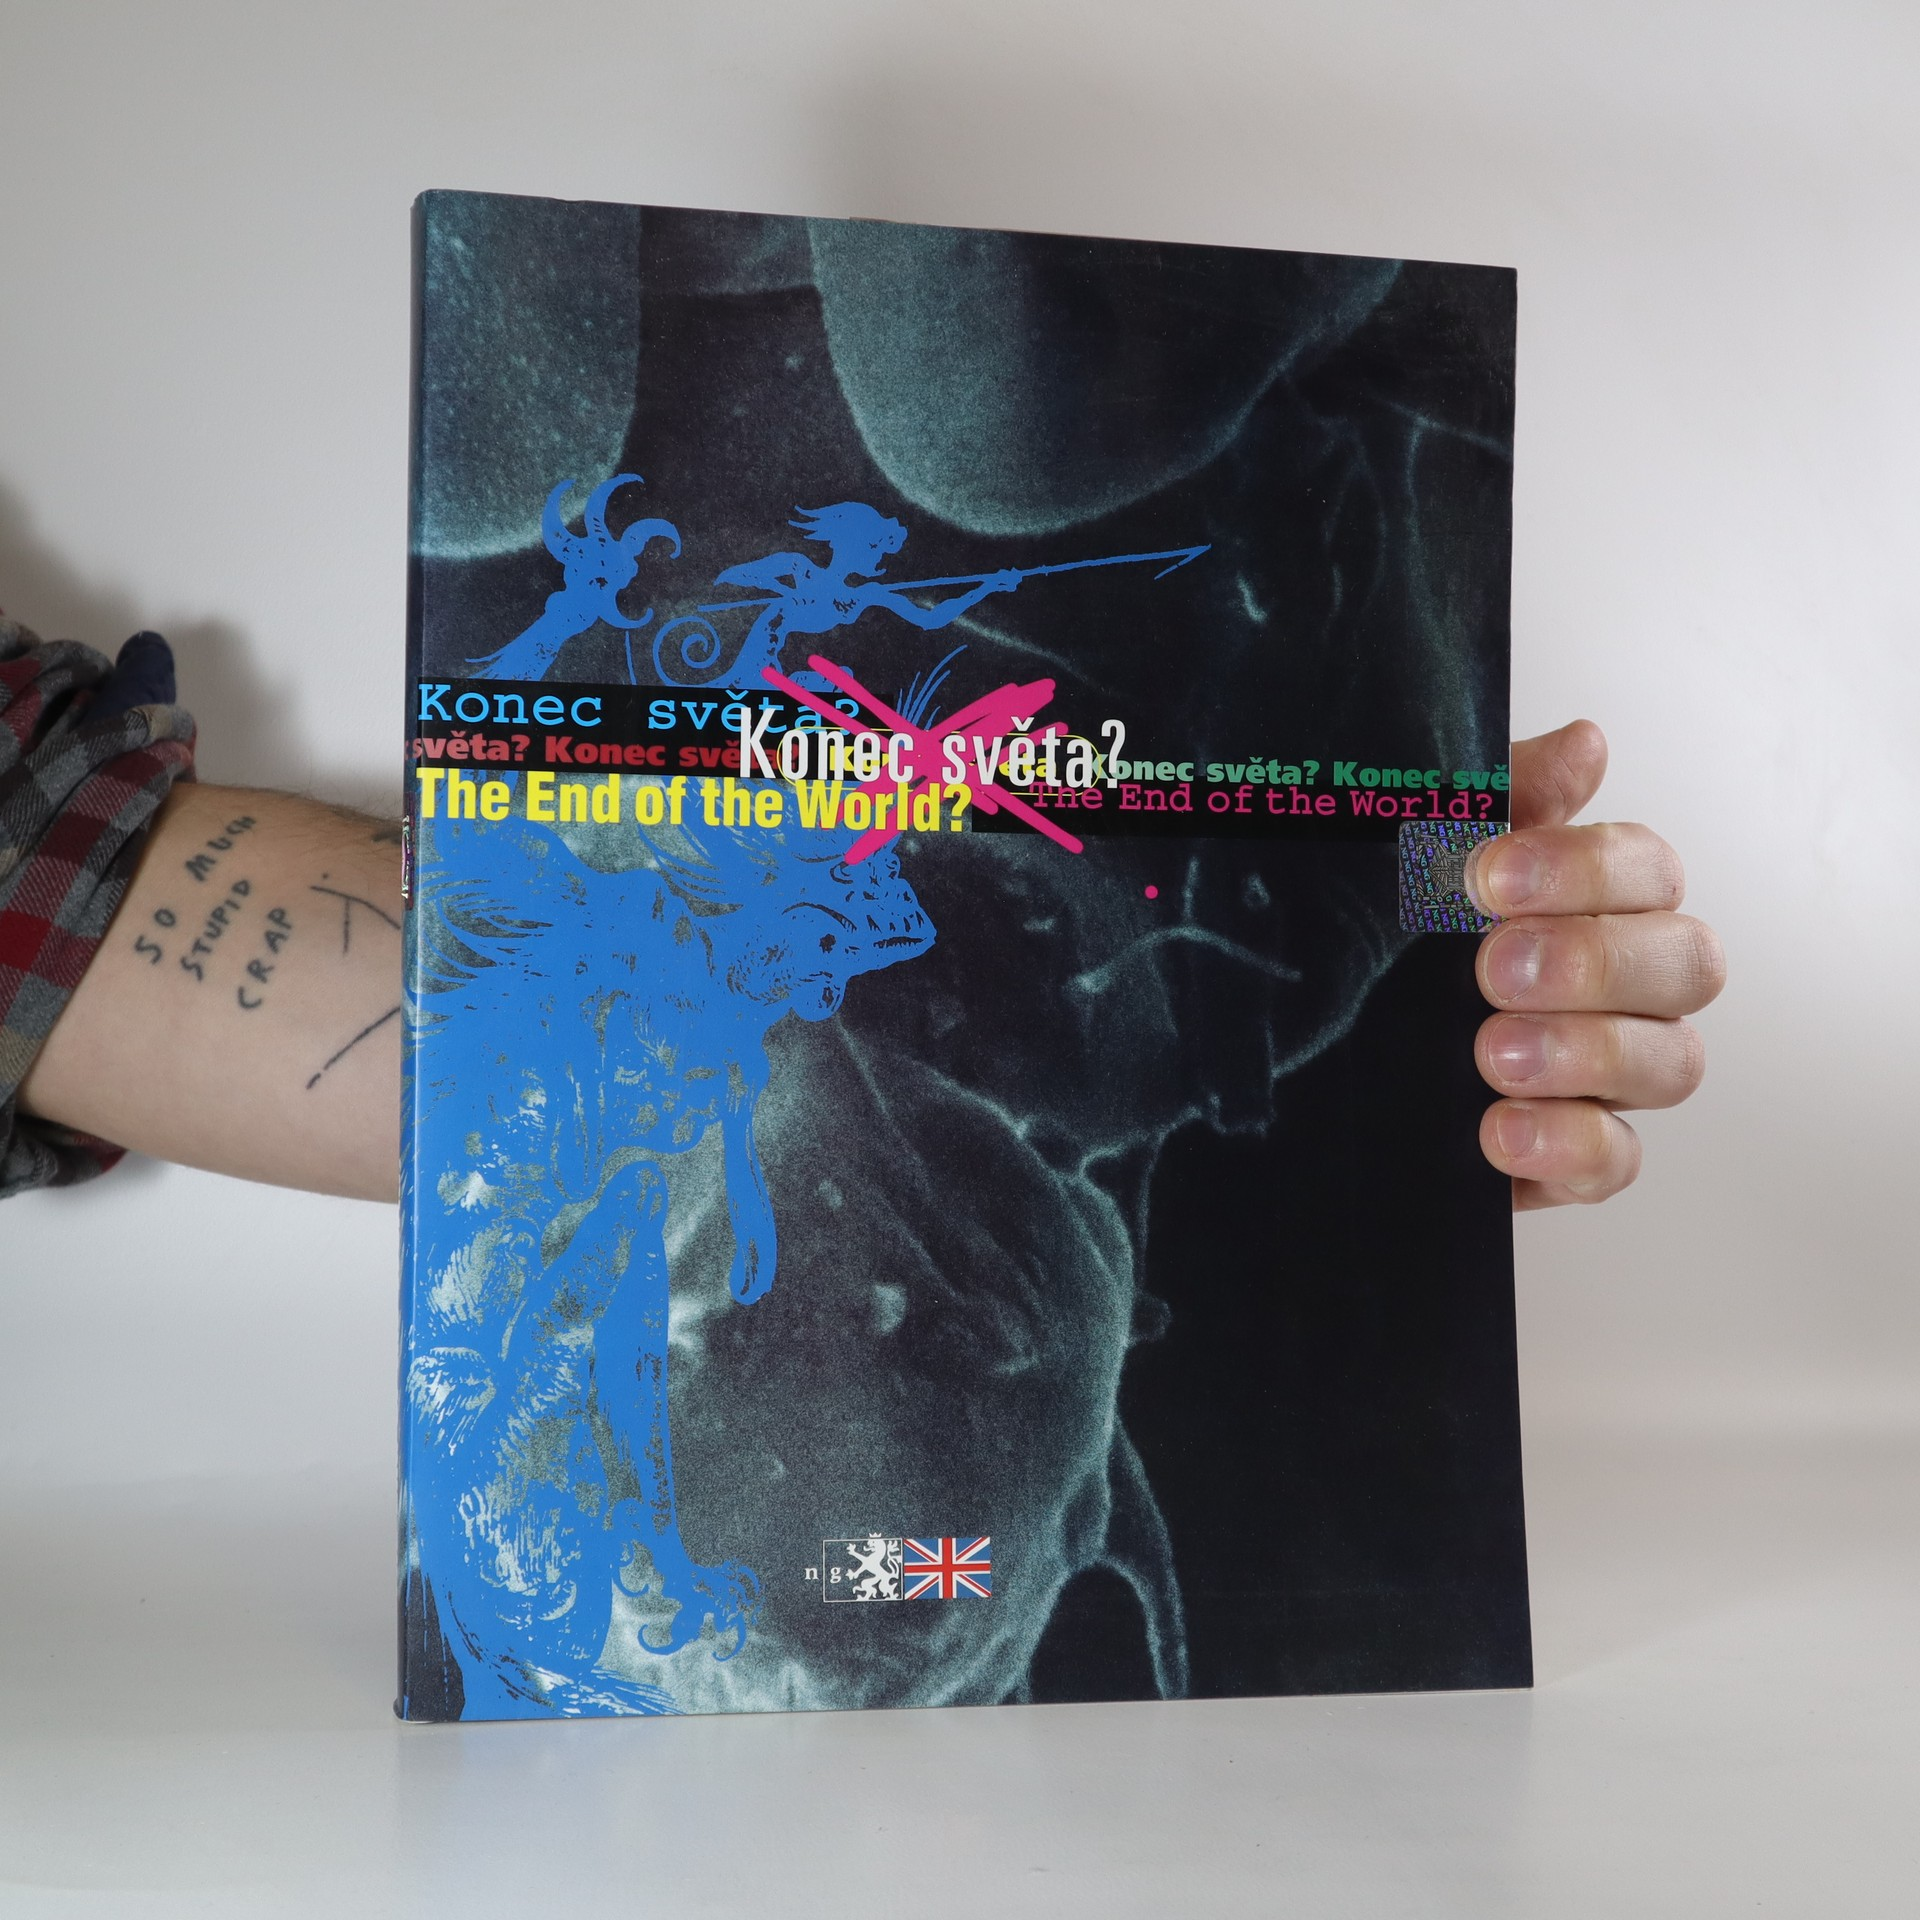 antikvární kniha The End of the World? Konec světa?, 2000